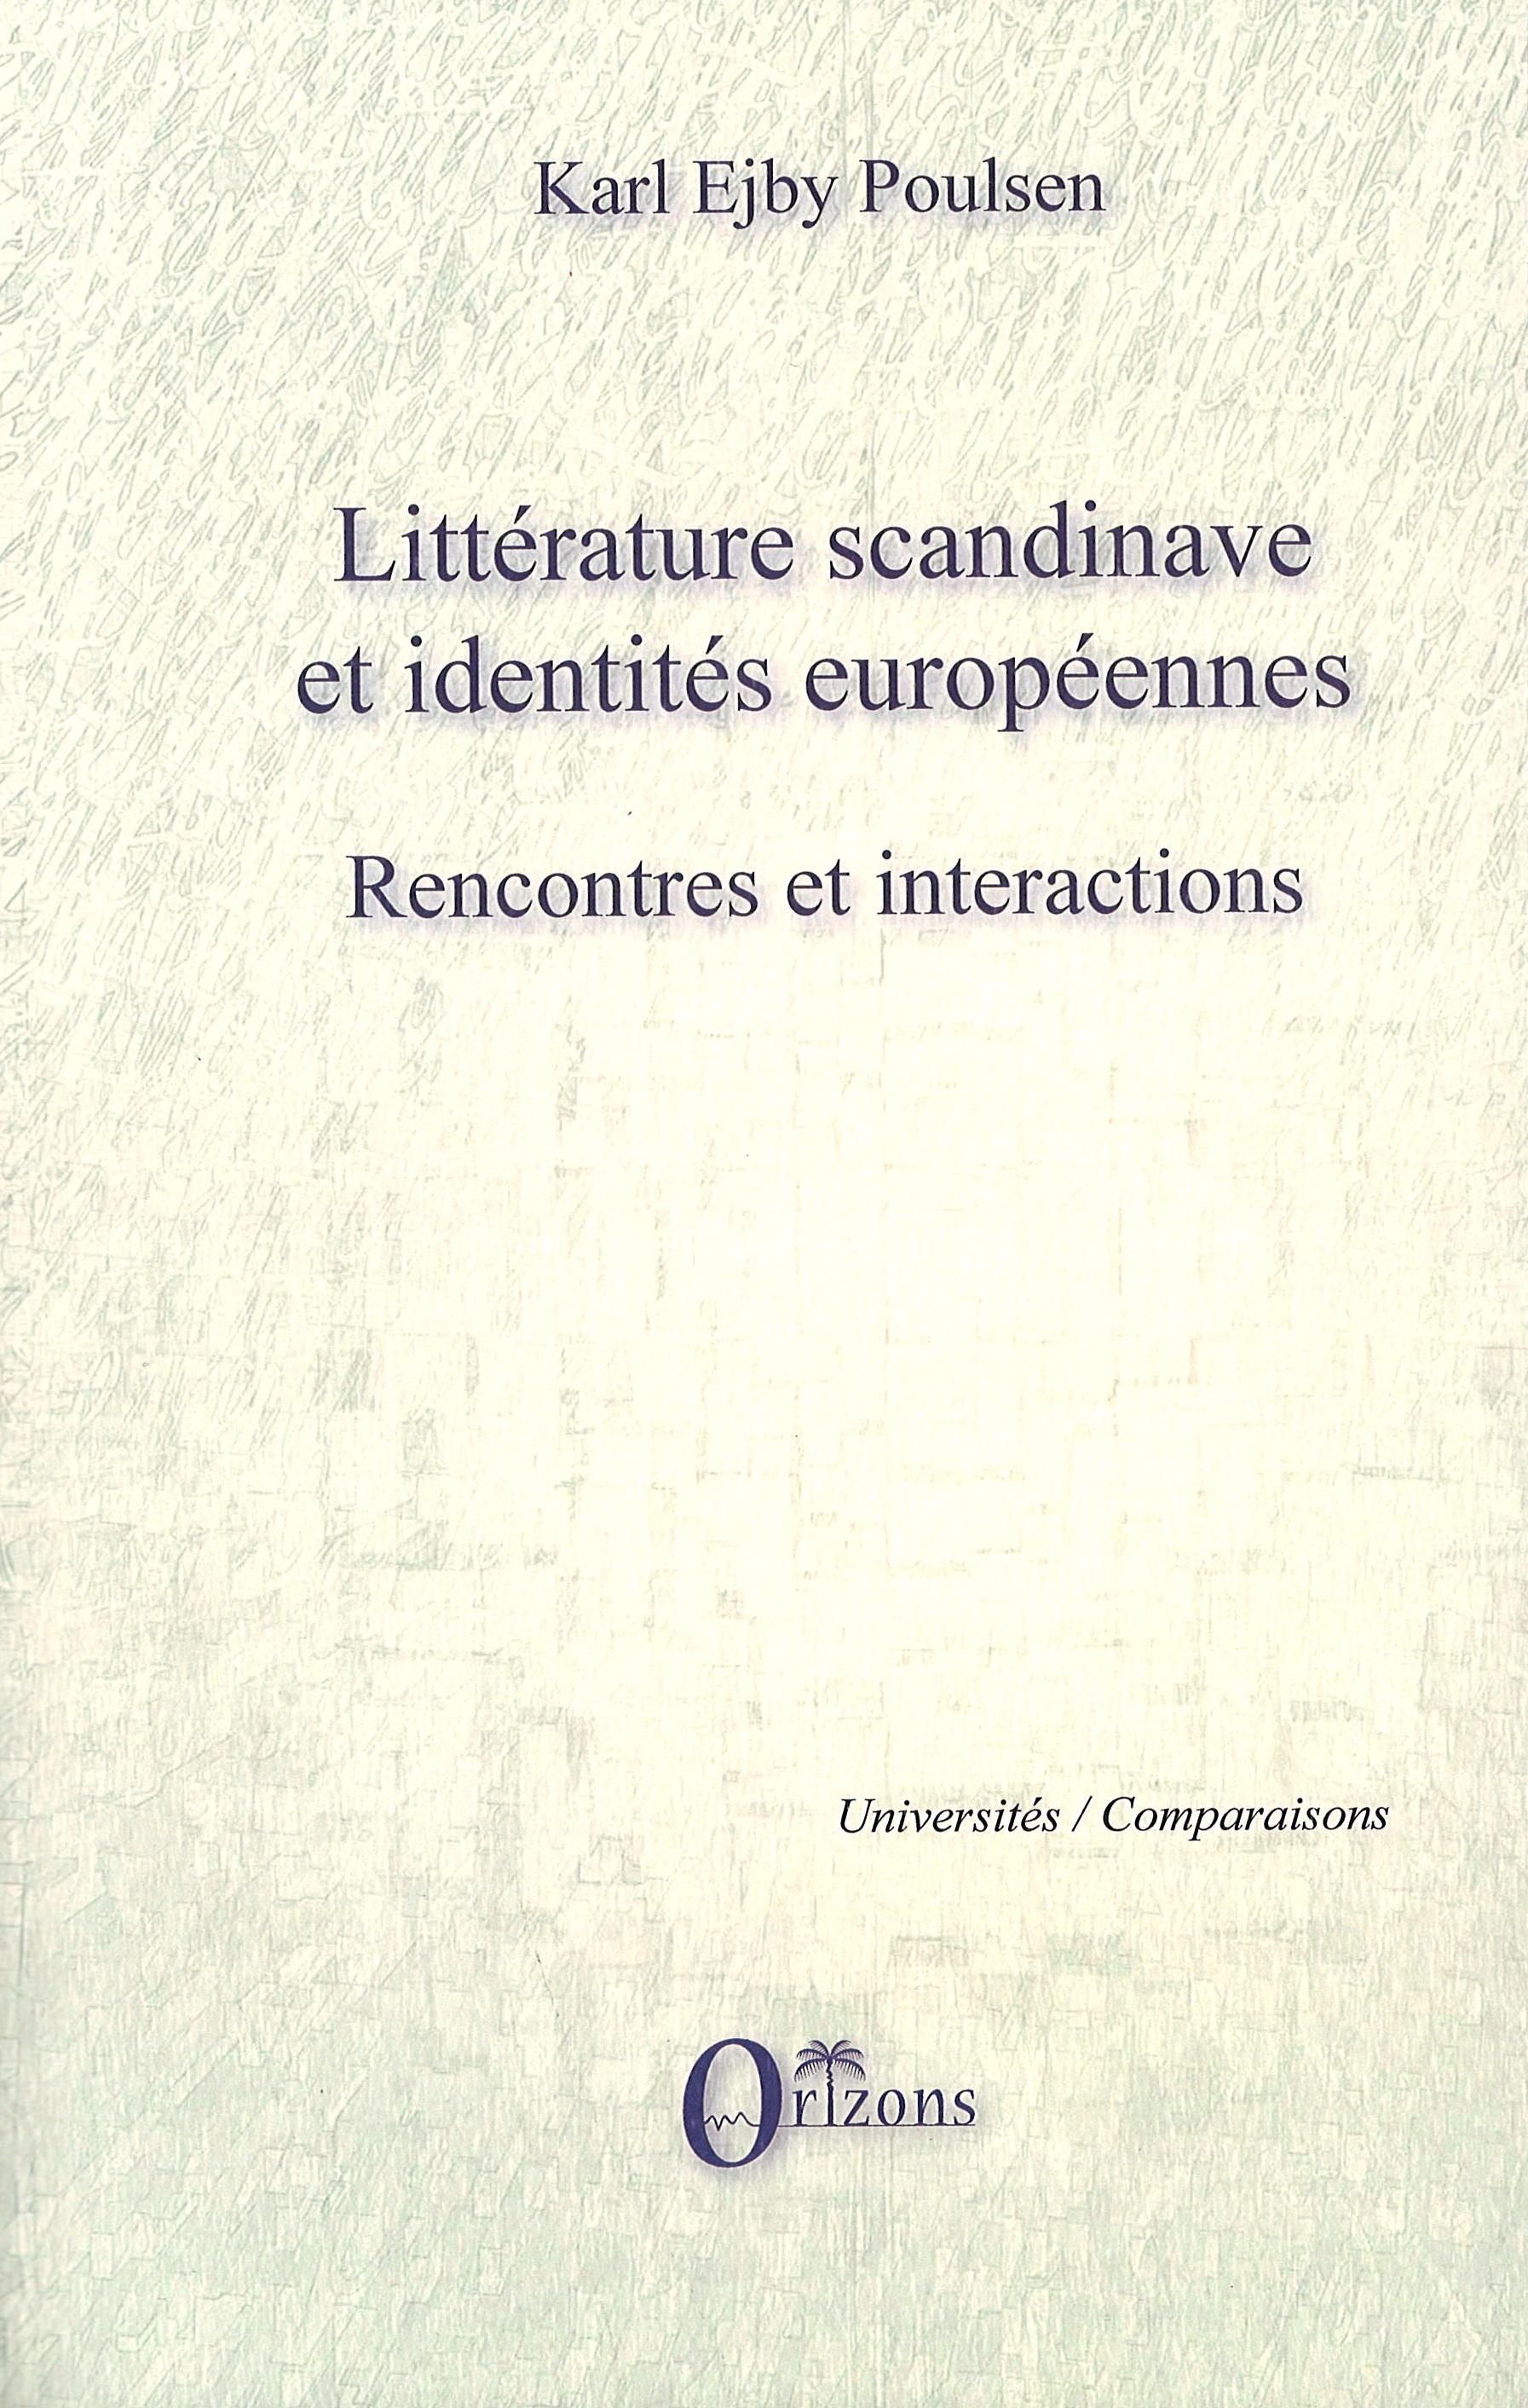 Littérature Et Européennes Scandinave Identités Rencontres rFXrwq